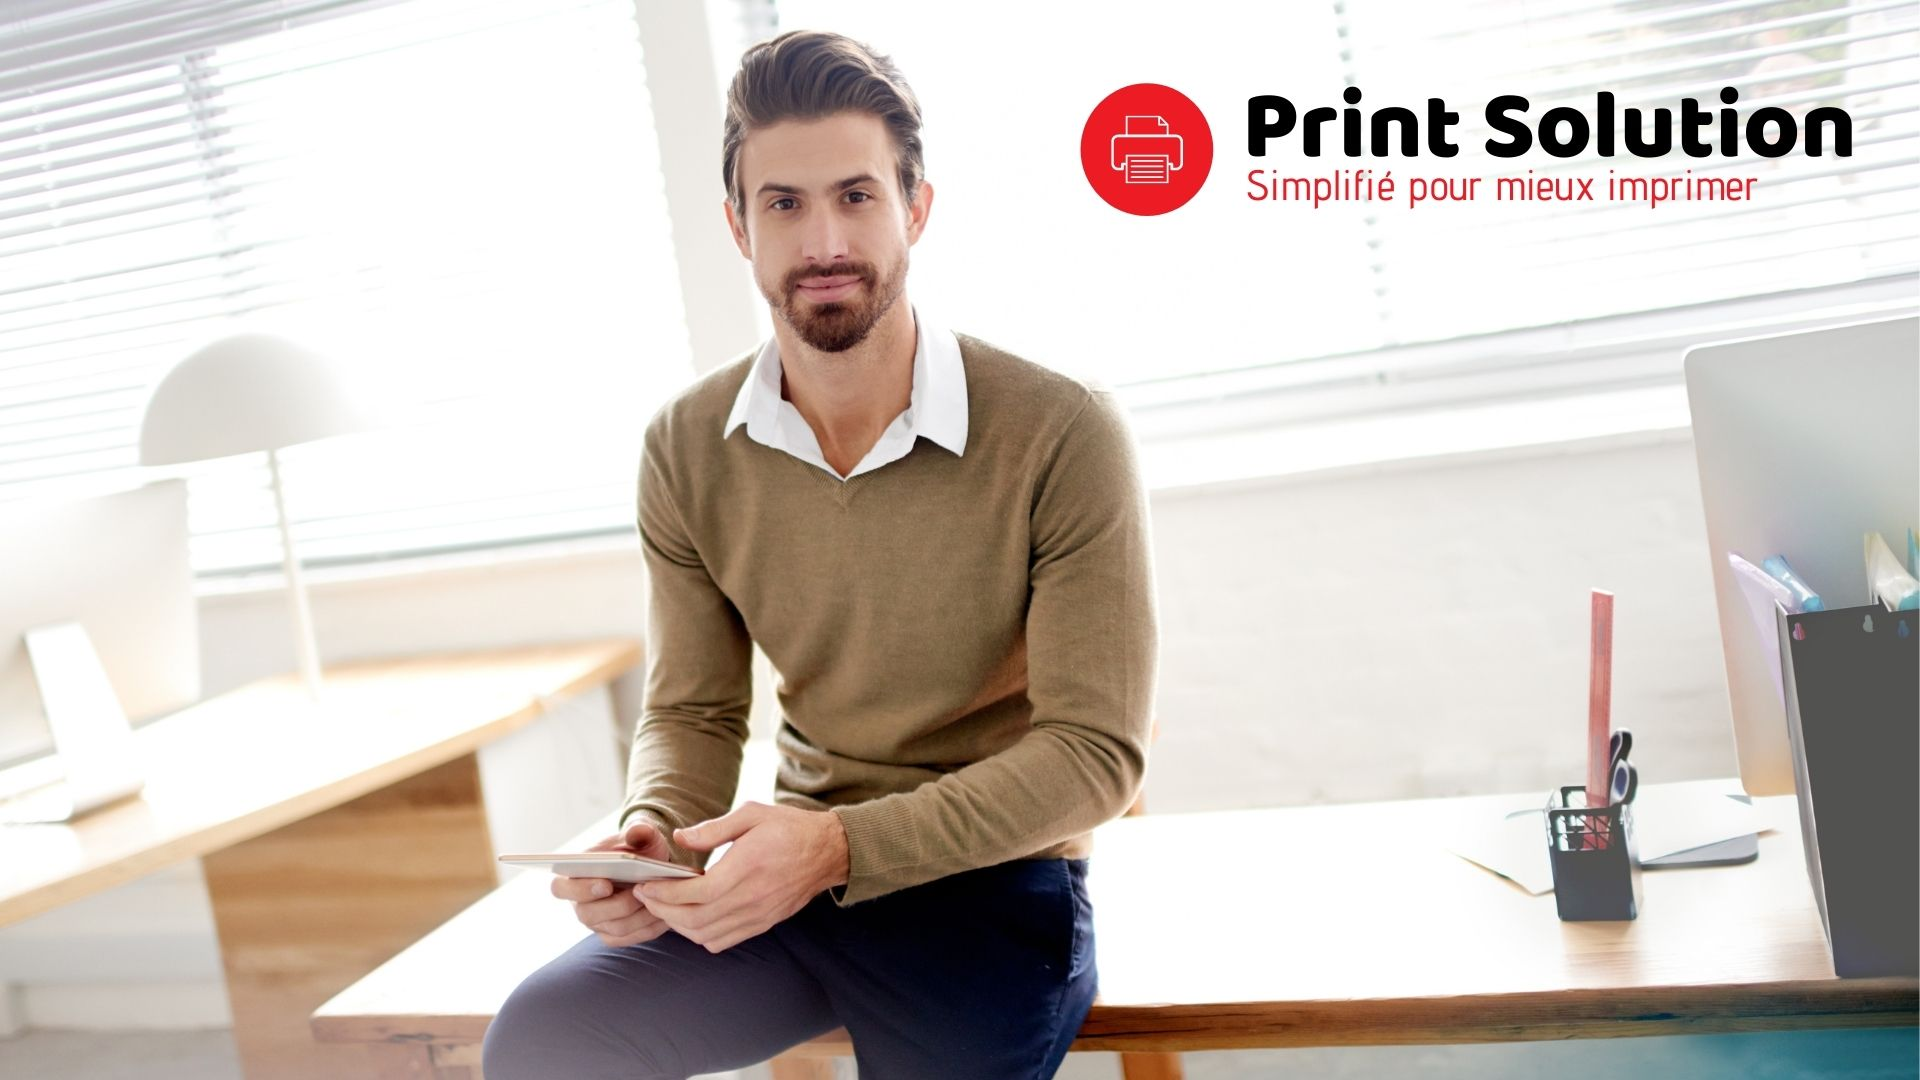 Cinq (5) choses qui peuvent causer des problèmes avec votre l'imprimante